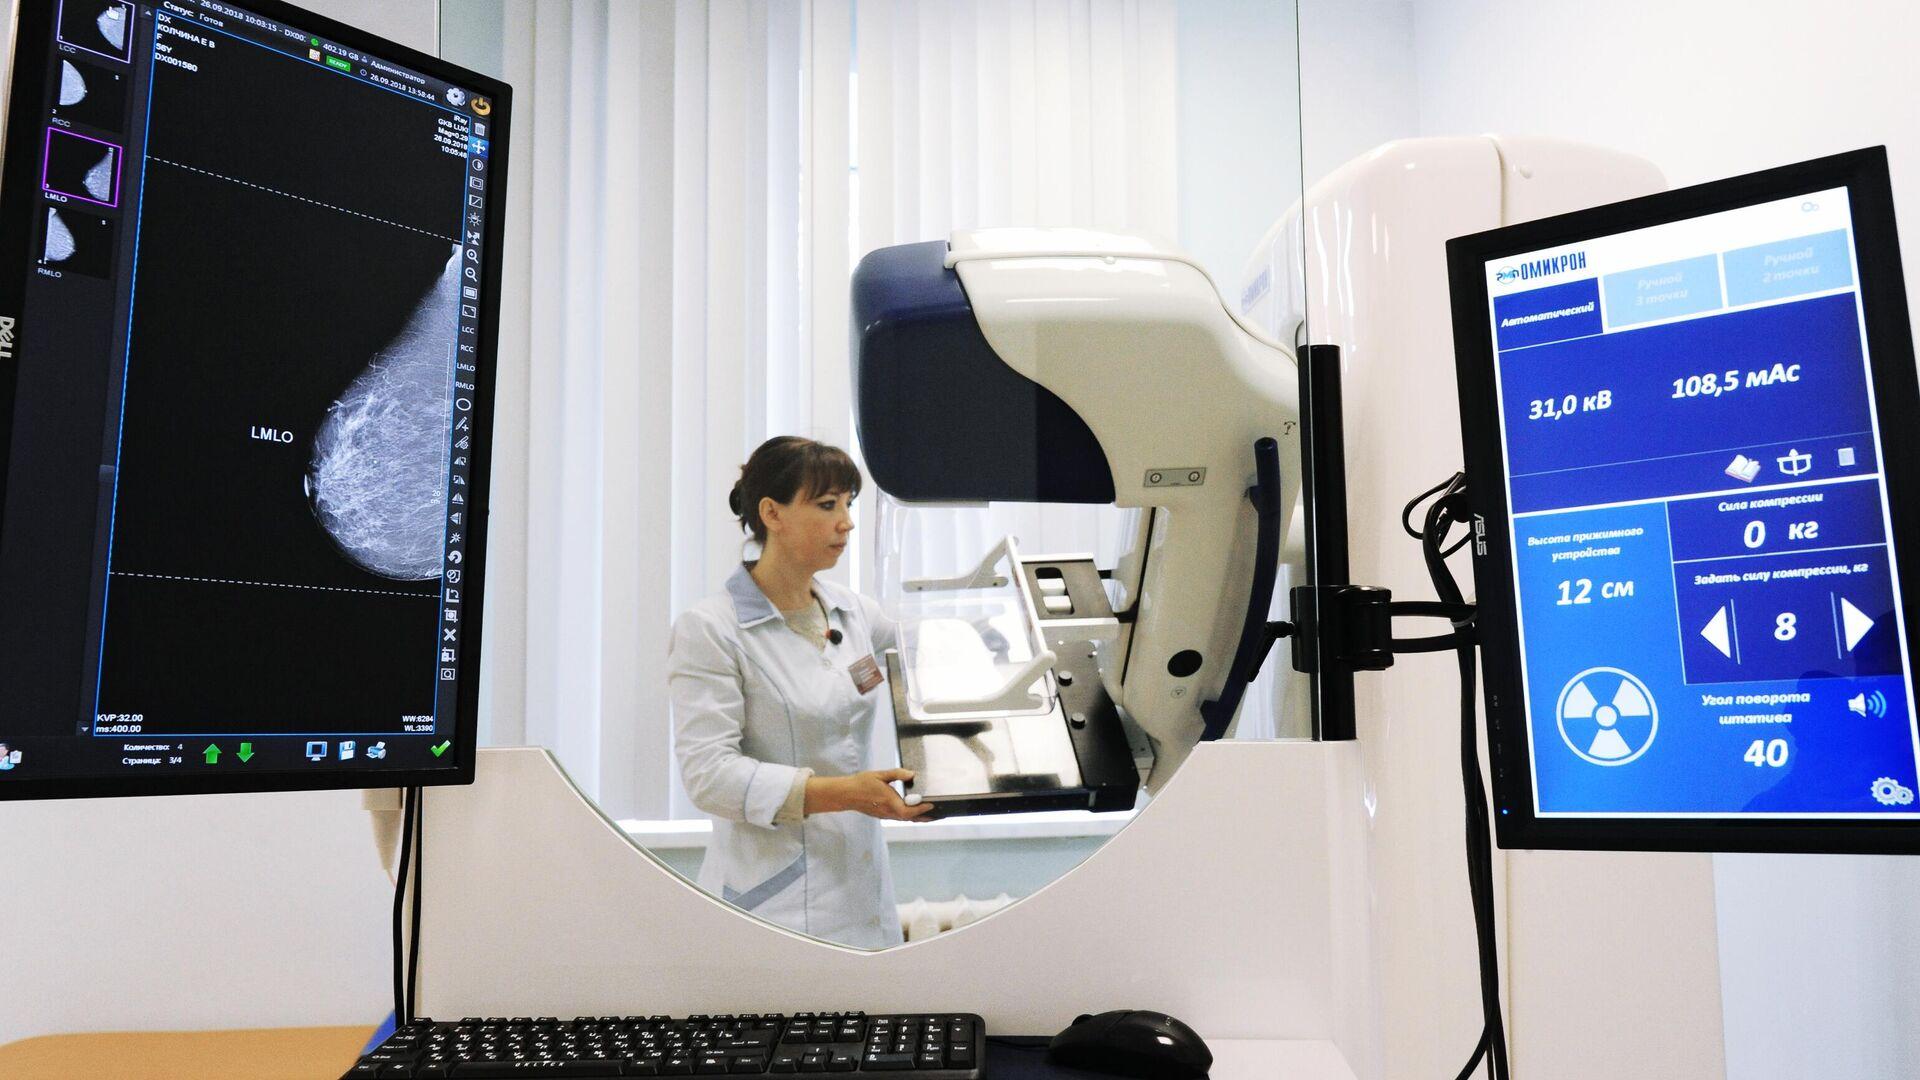 Лаборант настраивает цифровой маммограф - РИА Новости, 1920, 26.08.2020